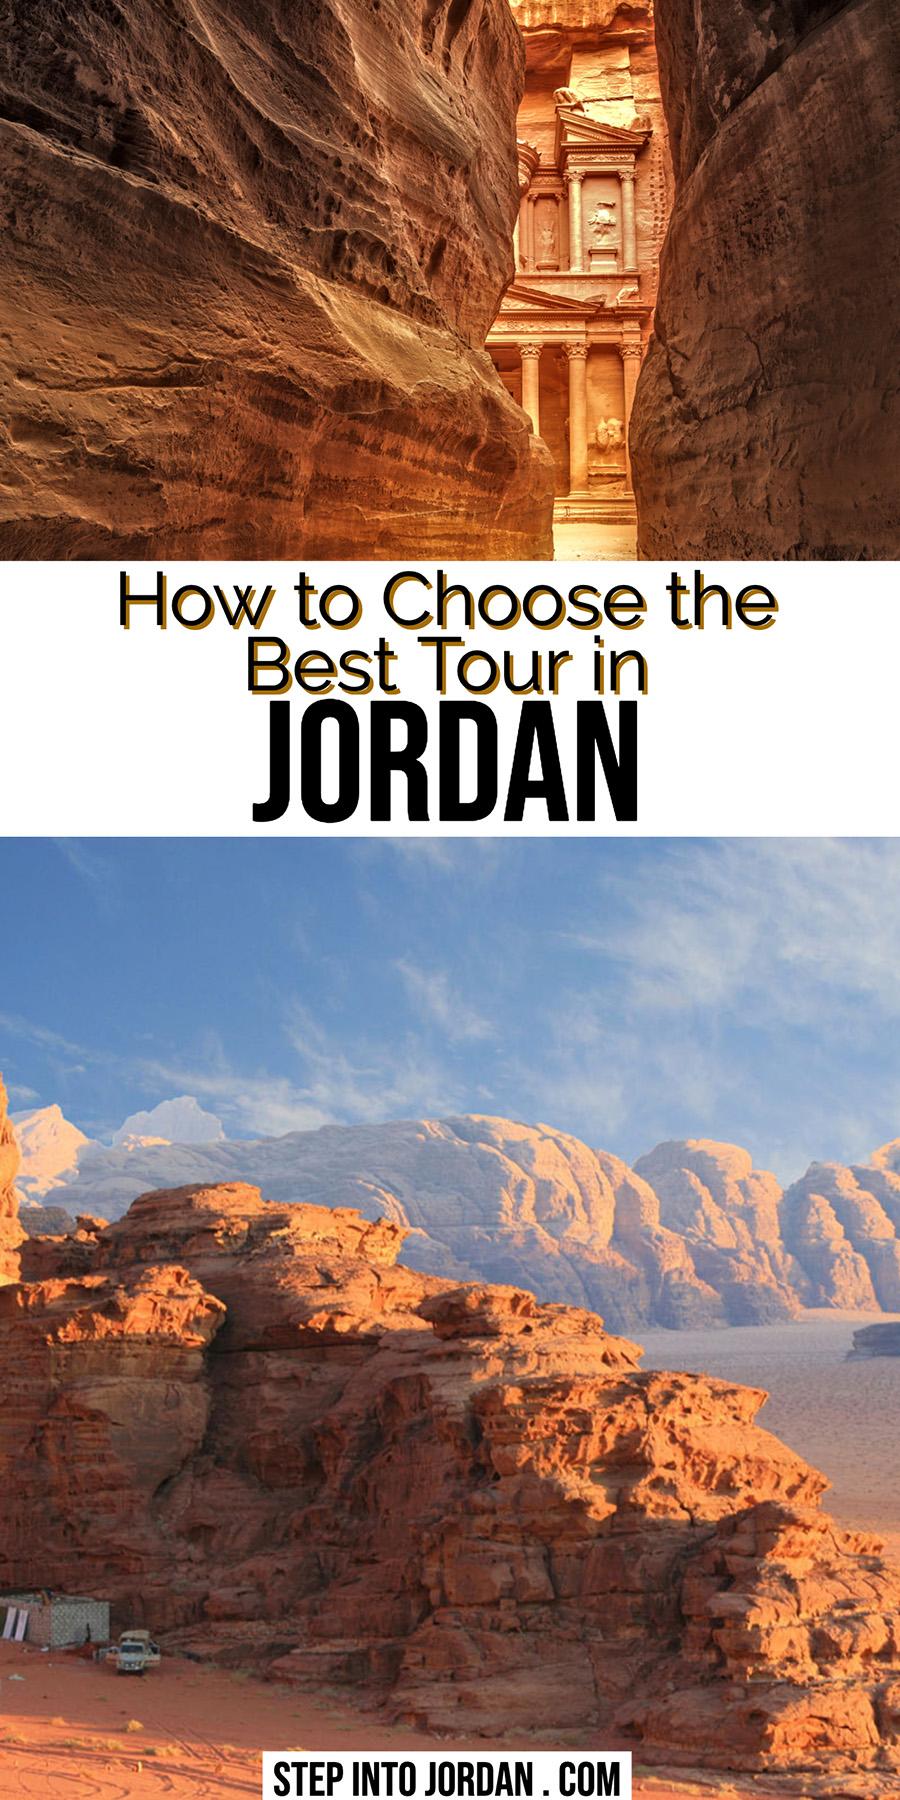 Jordan Tours and Travel